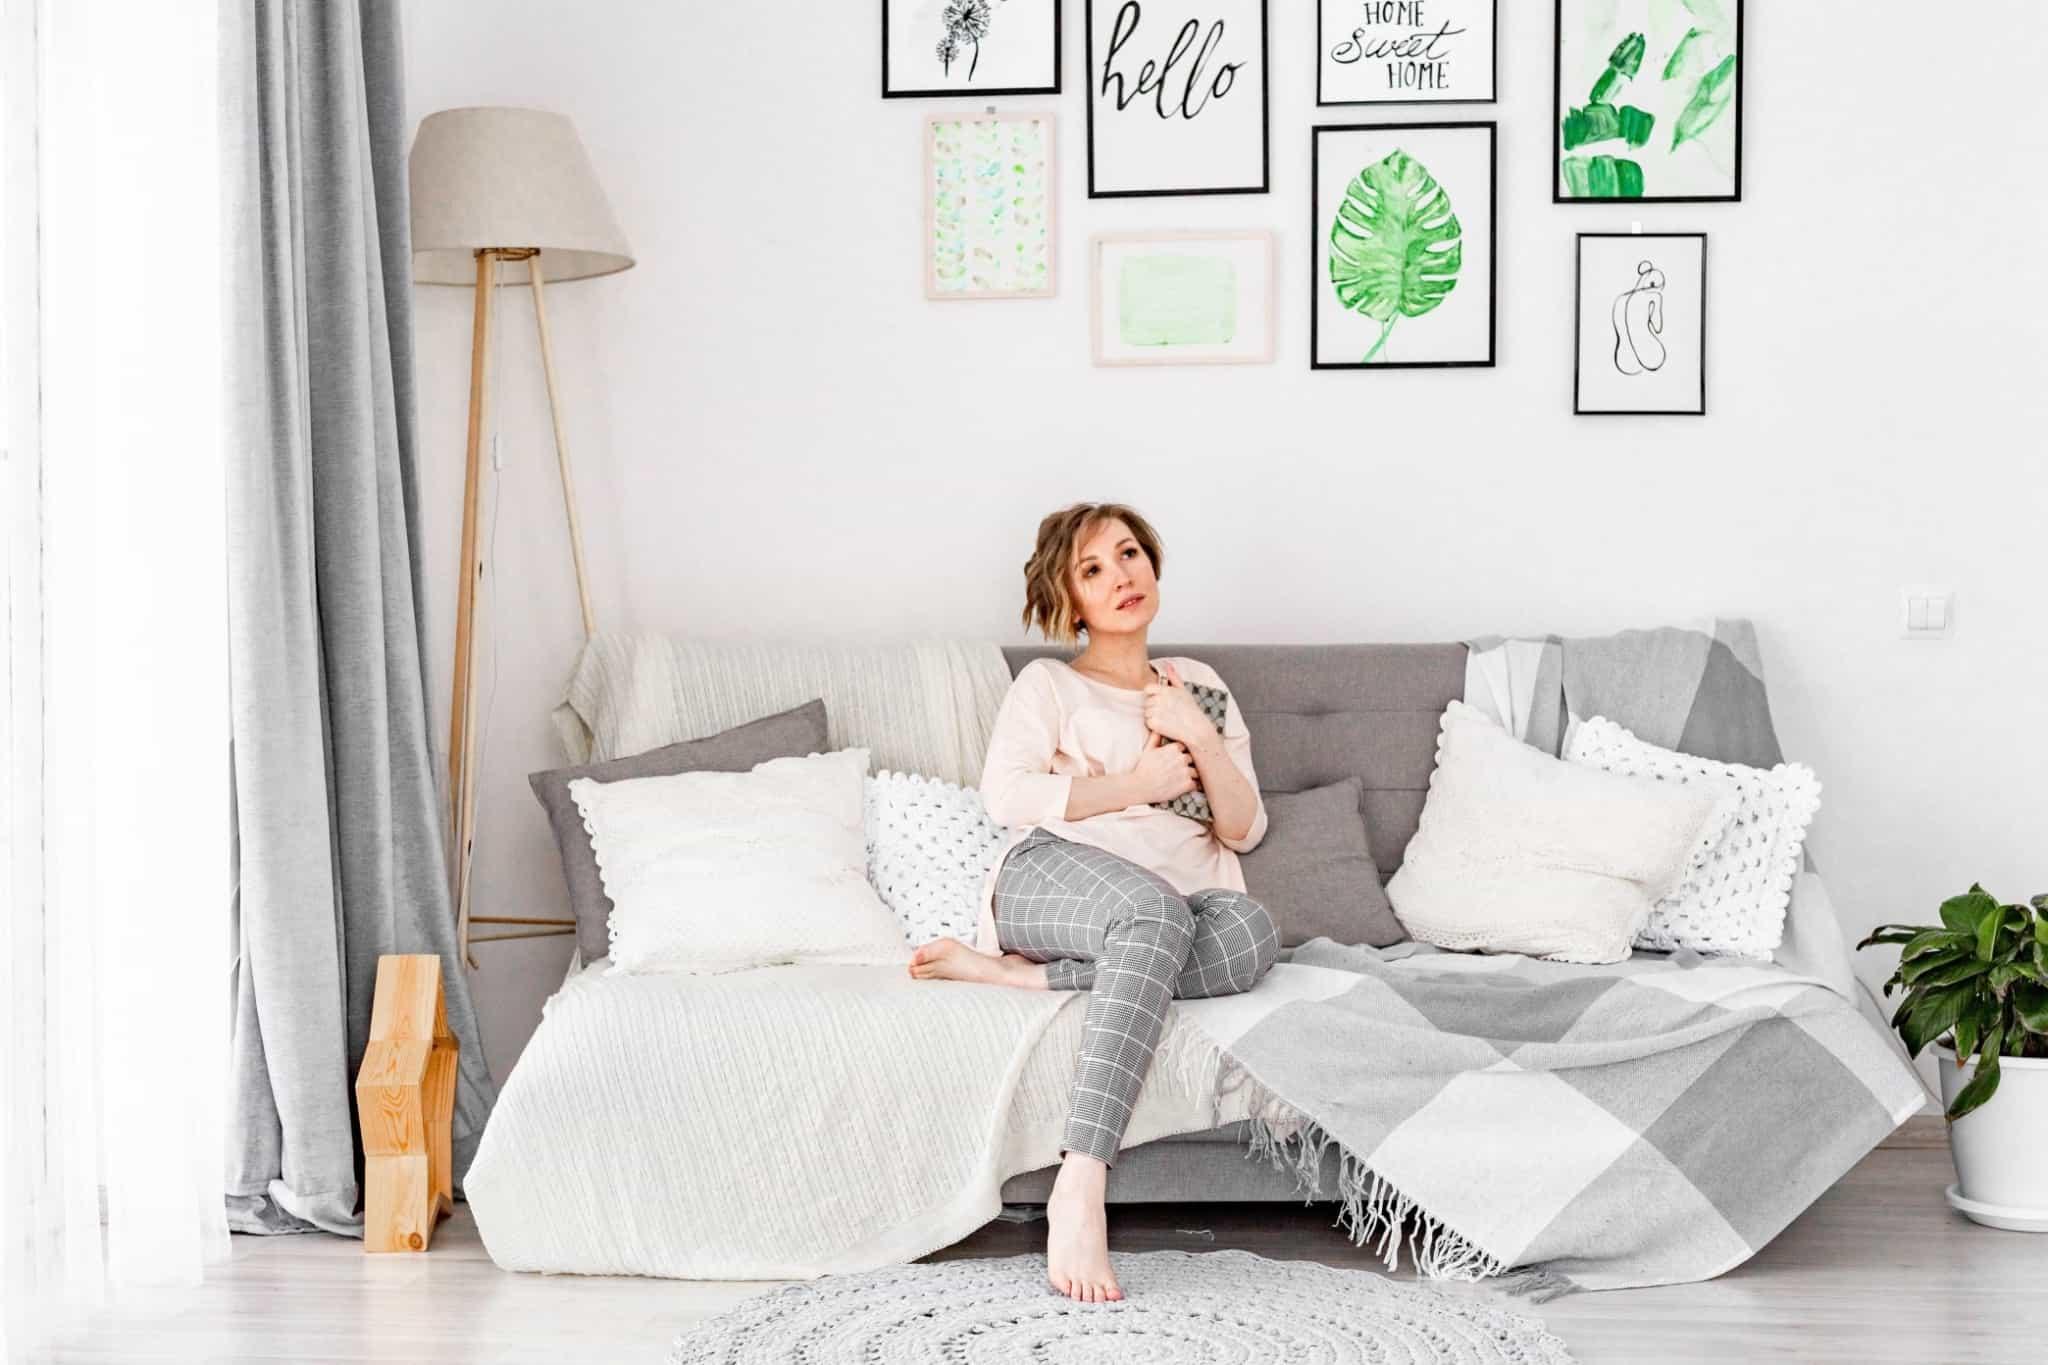 mulher pensativa sentada no sofá a agarrar um caderno